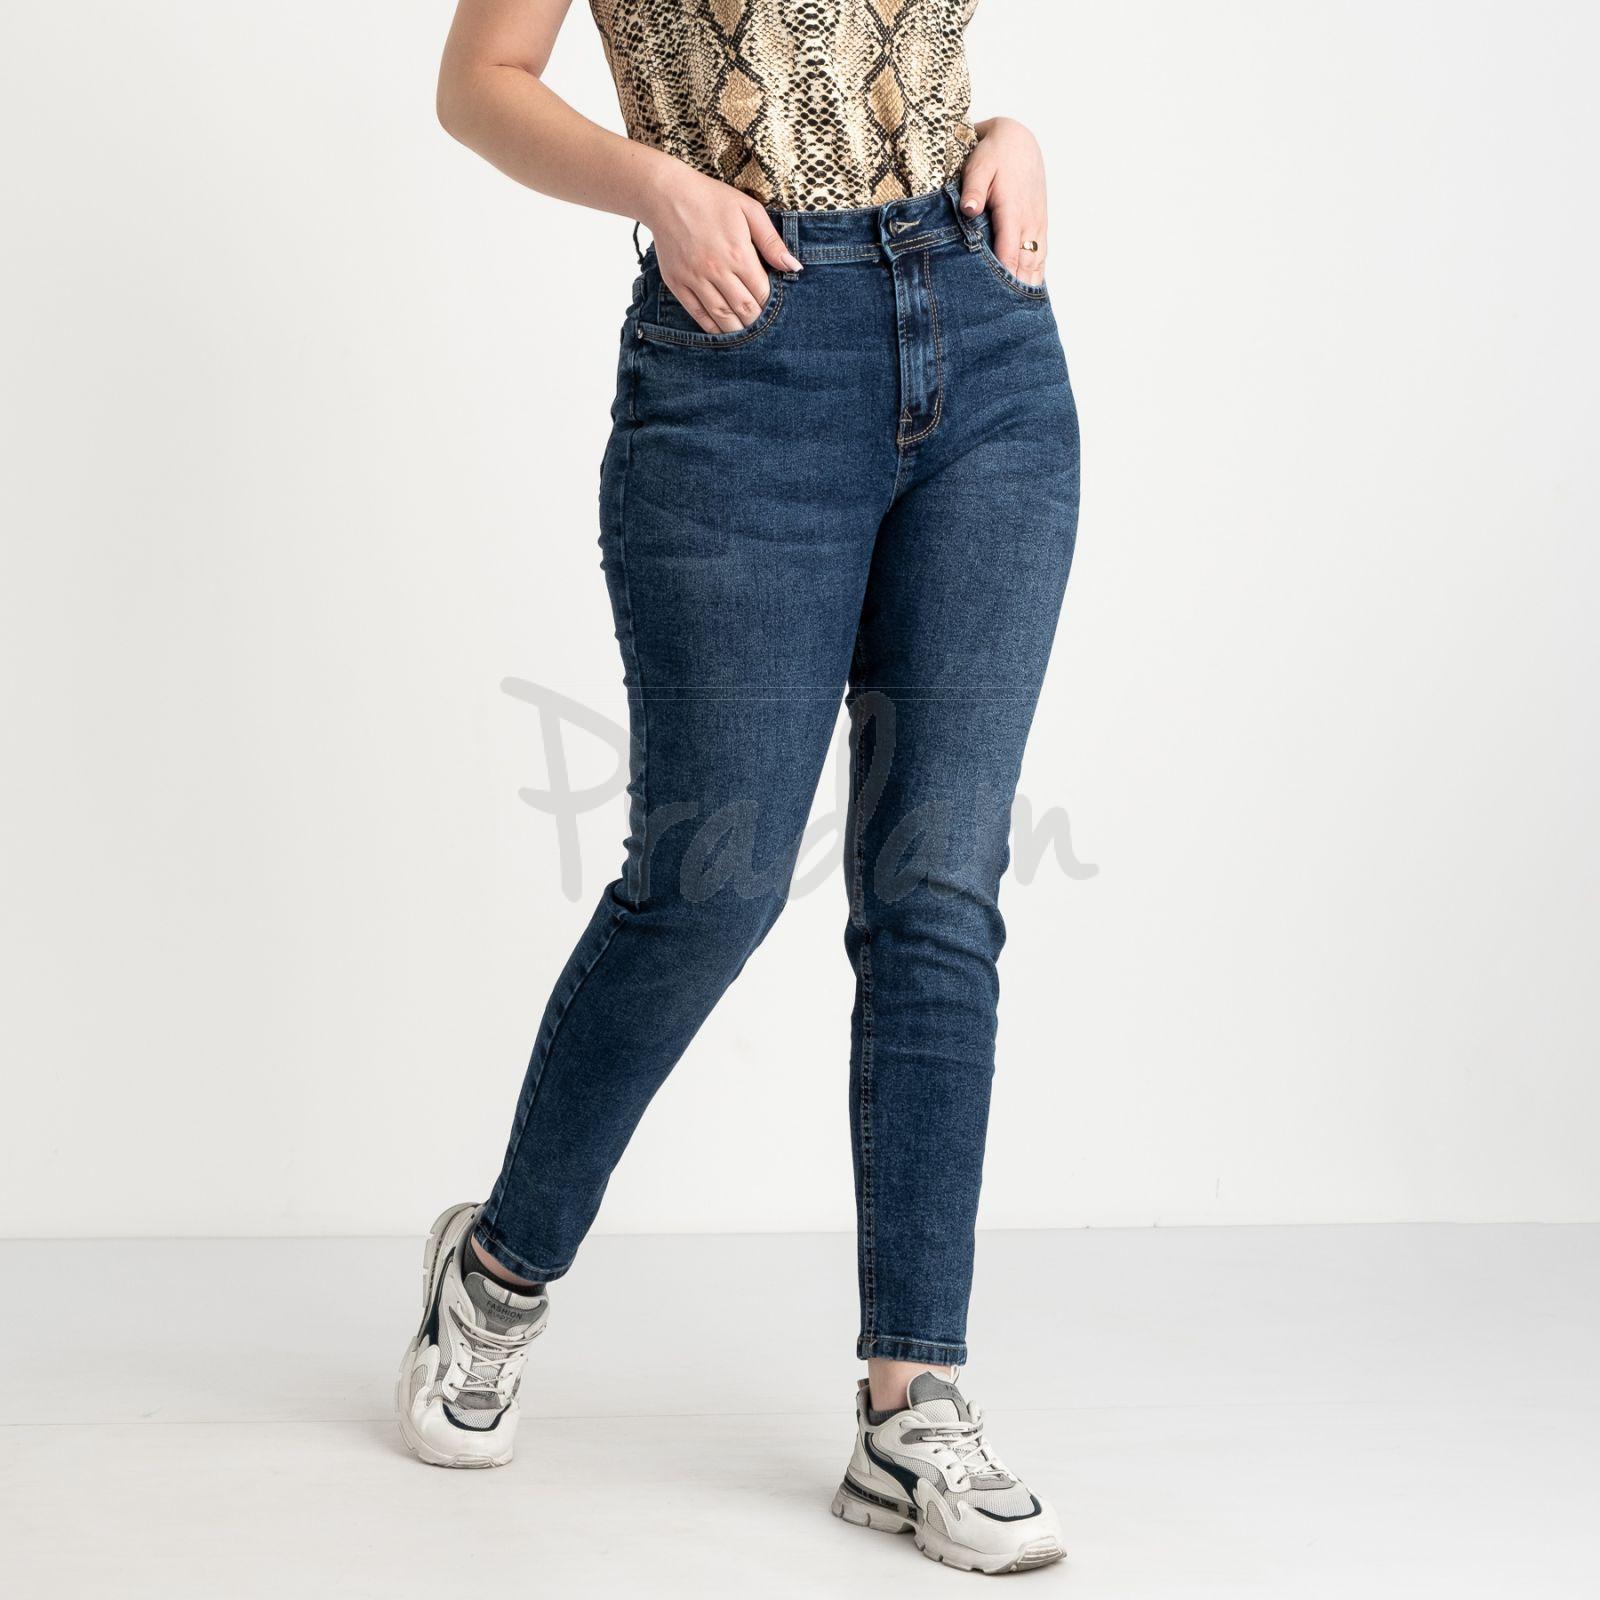 0056-1 А Relucky джинсы батальные синие стрейчевые (6 ед. размеры: 31.32.33.34.36.38)